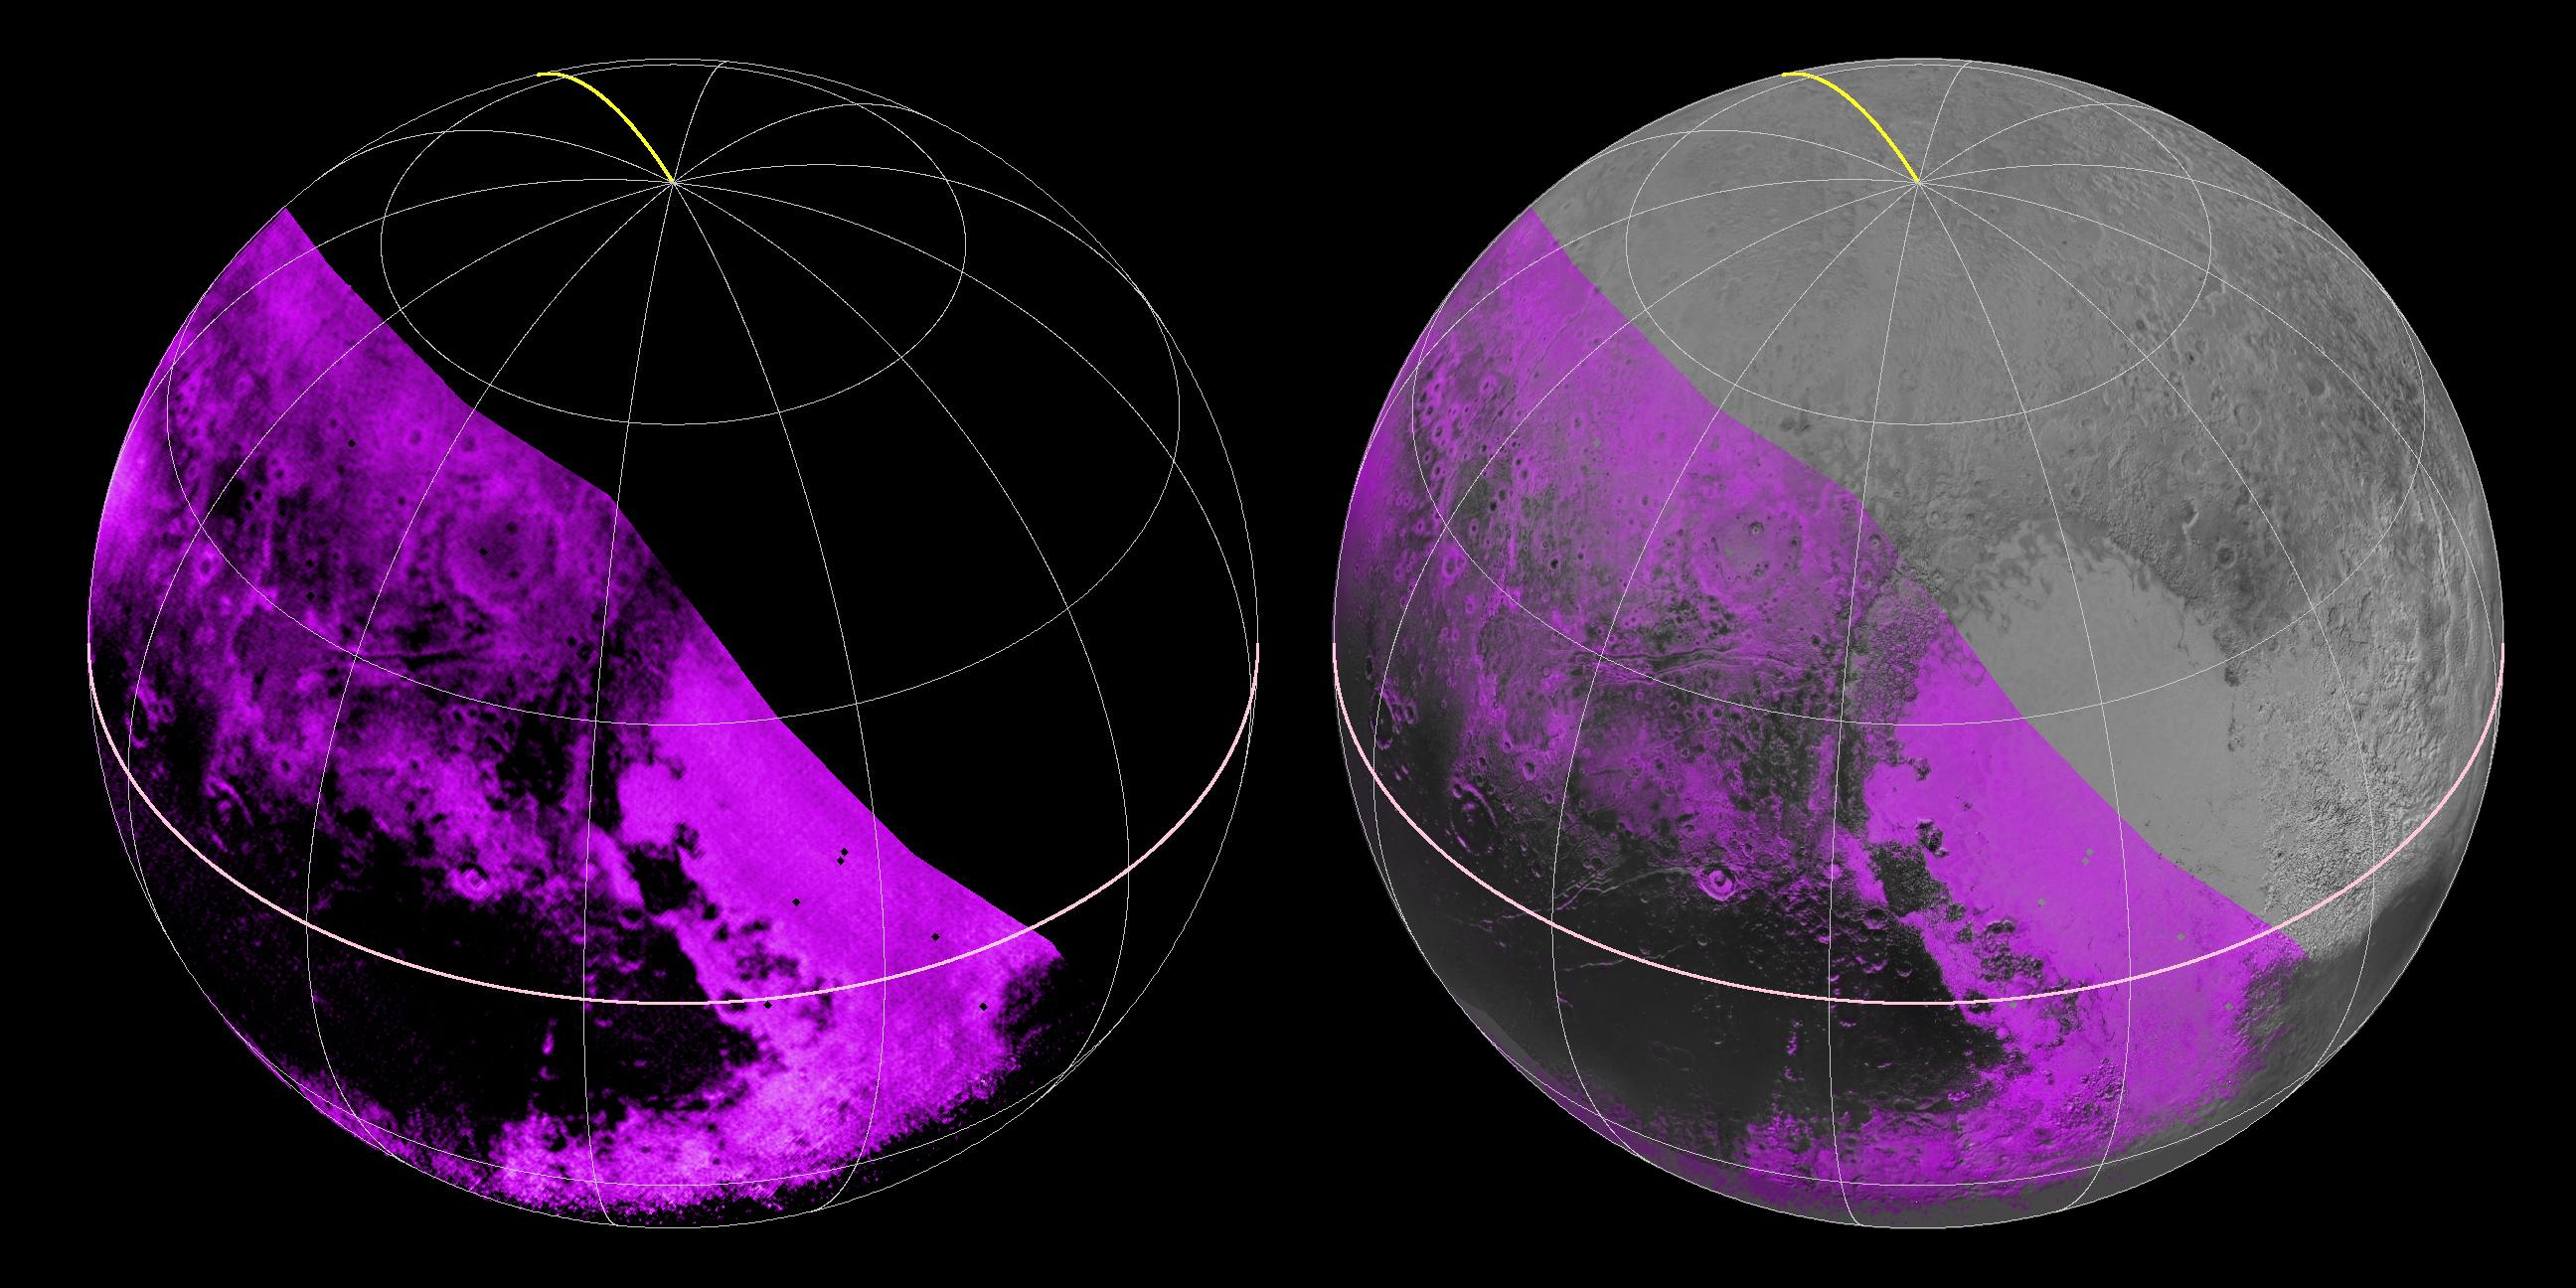 A sinistra le zone in rosa sono quelle dove è stata rilevata la presenza di metano ghiacciato. Più il rosa è acceso maggiore è la concentrazione. Le zone nere invece rivelano una totale assenza di metano. A destra l'immagine spettrografica è stata montata su una foto di Plutone (Credits: NASA/JHUAPL/SWRI)